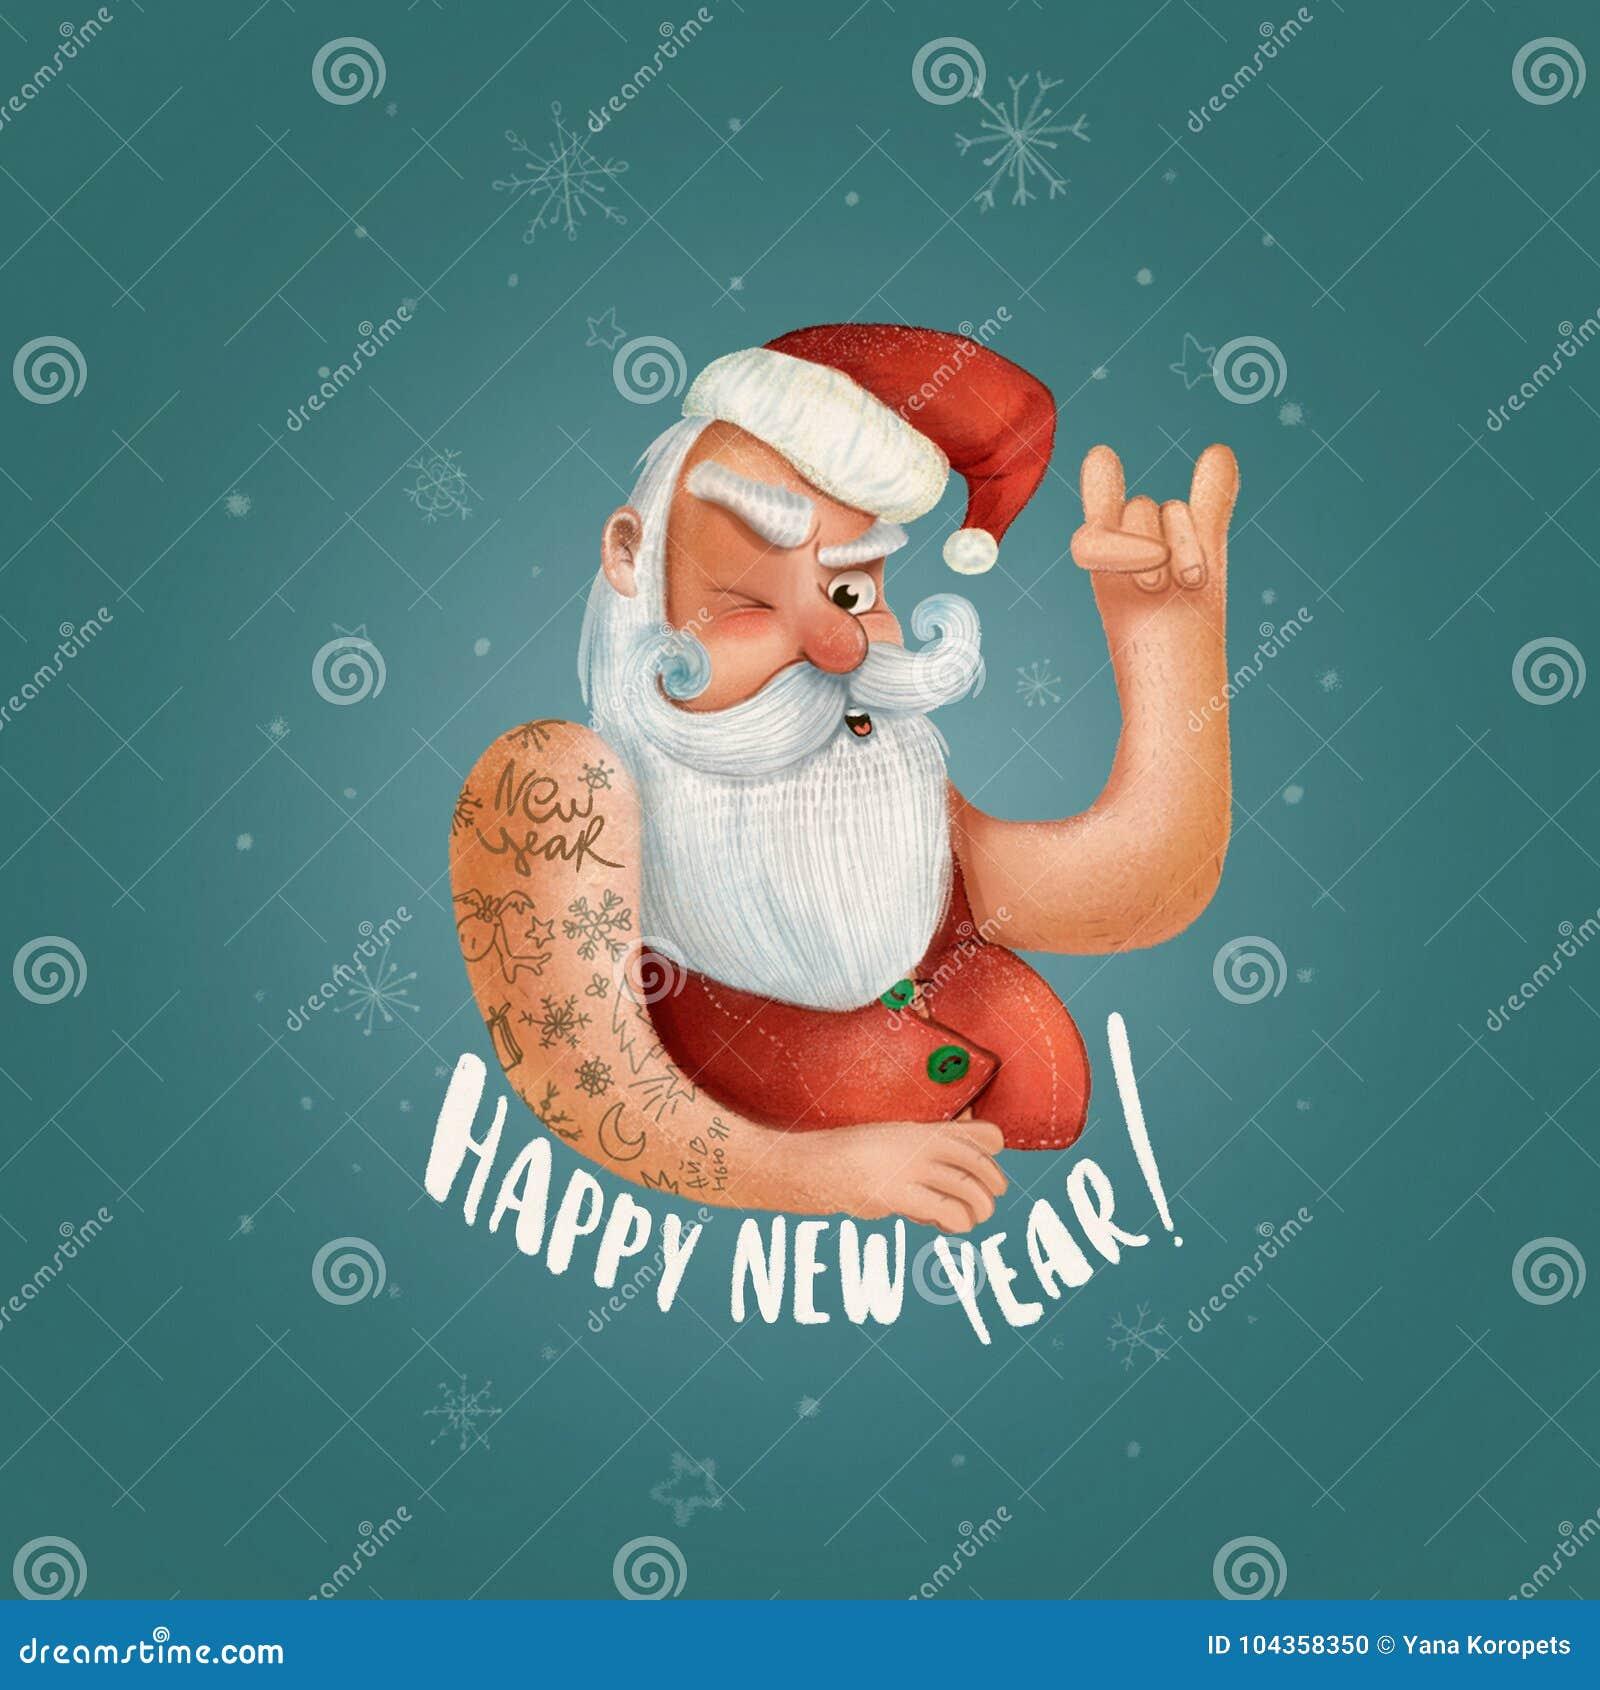 摇滚乐圣诞老人 圣诞节党或贺卡的行家海报 坏圣诞老人xmas海报背景